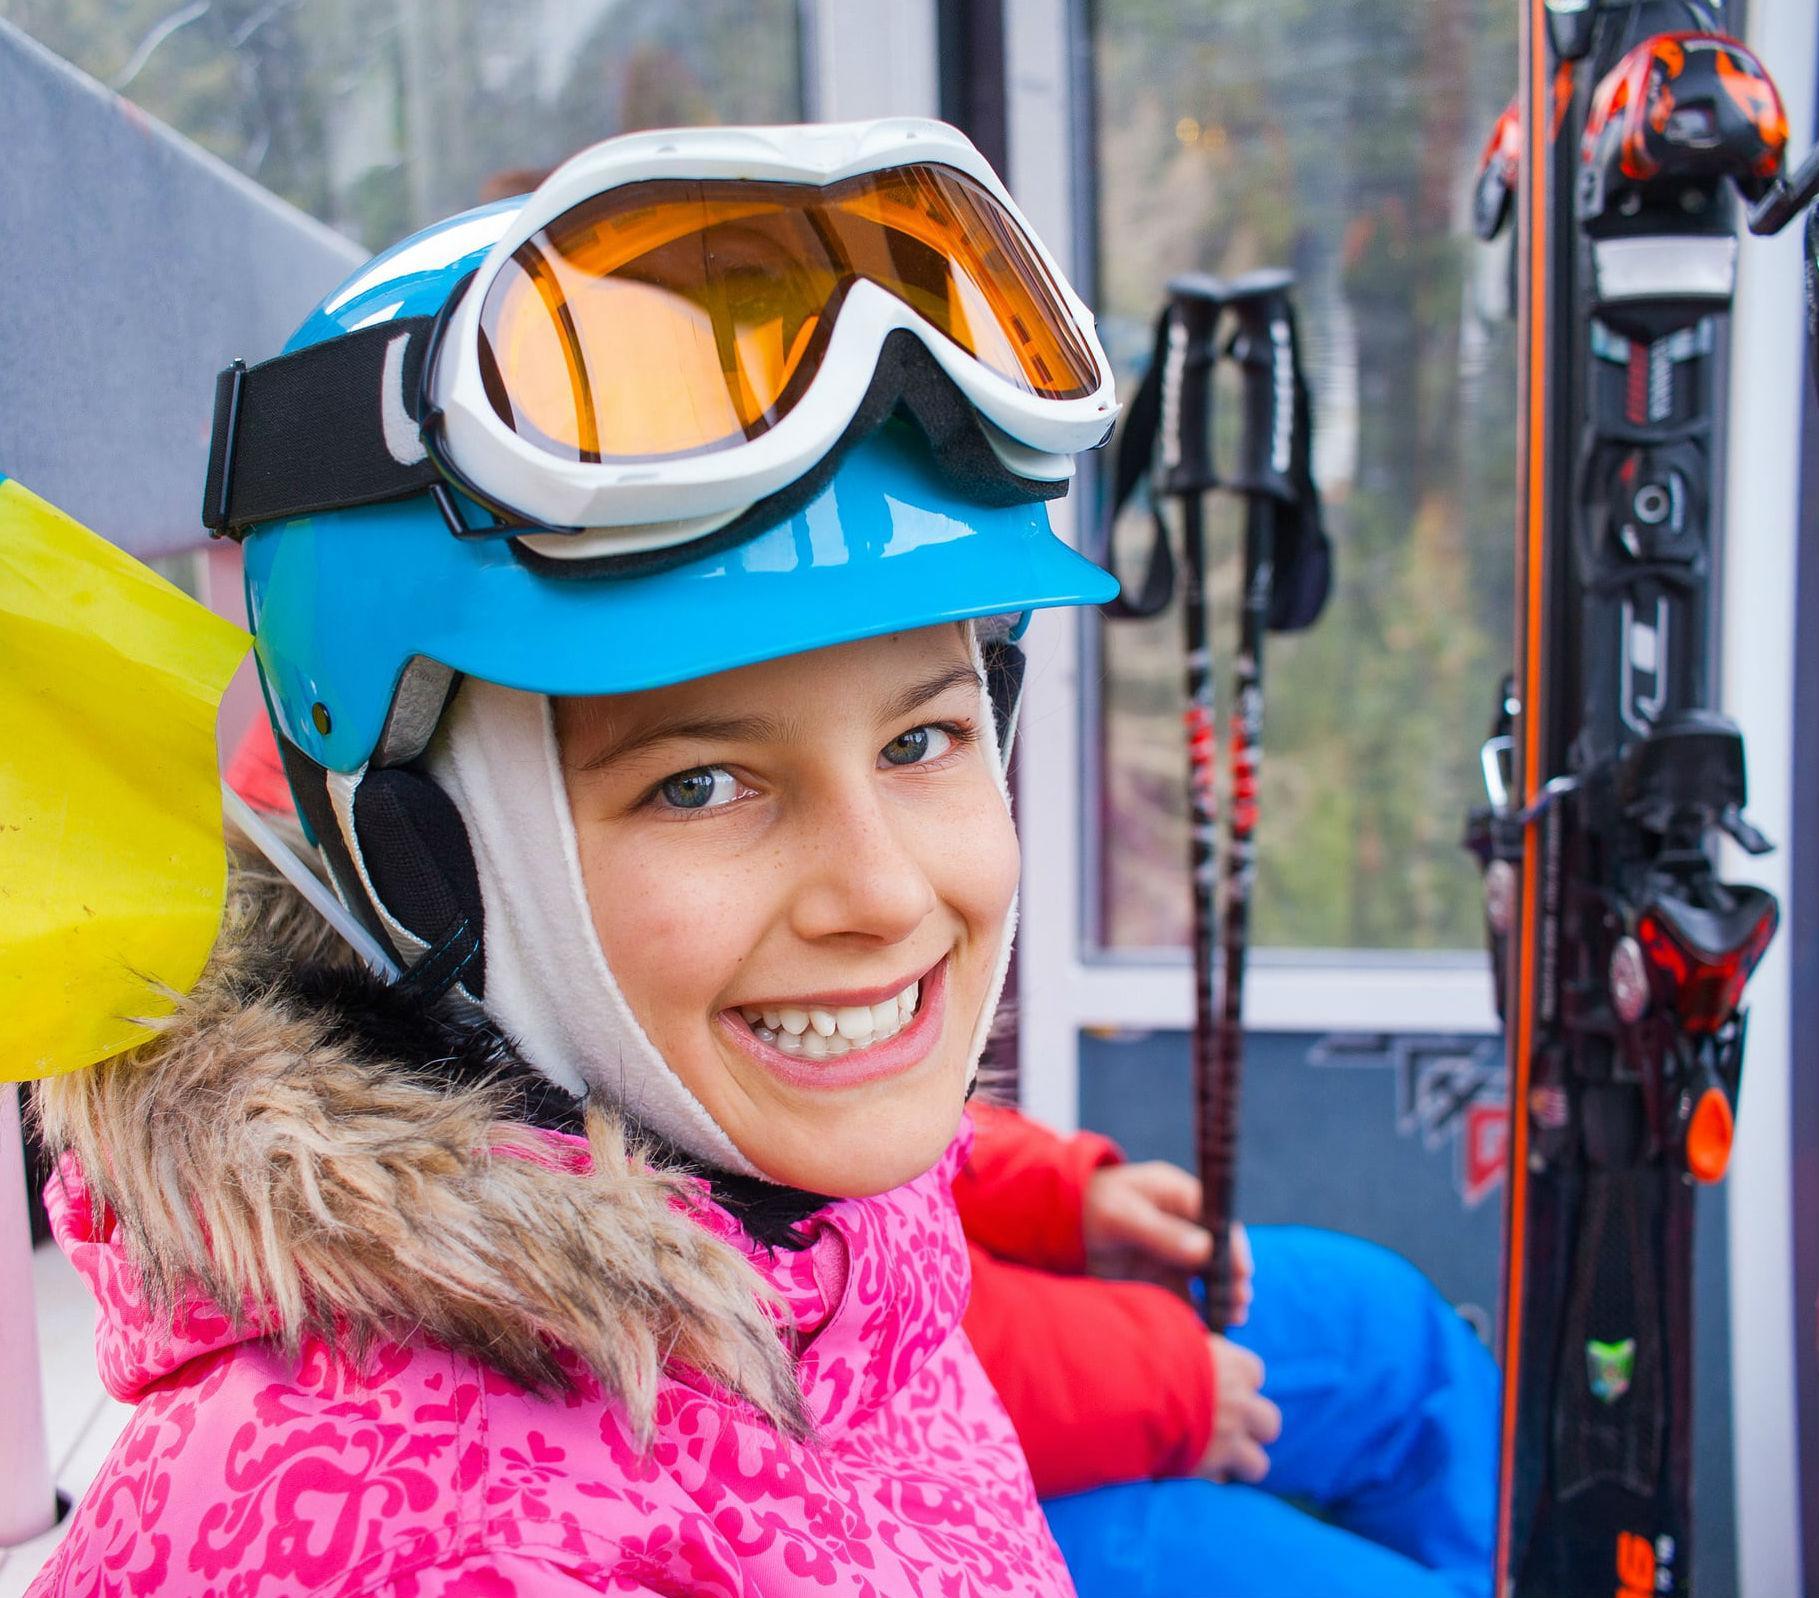 Privé skilessen voor volwassenen - beginners